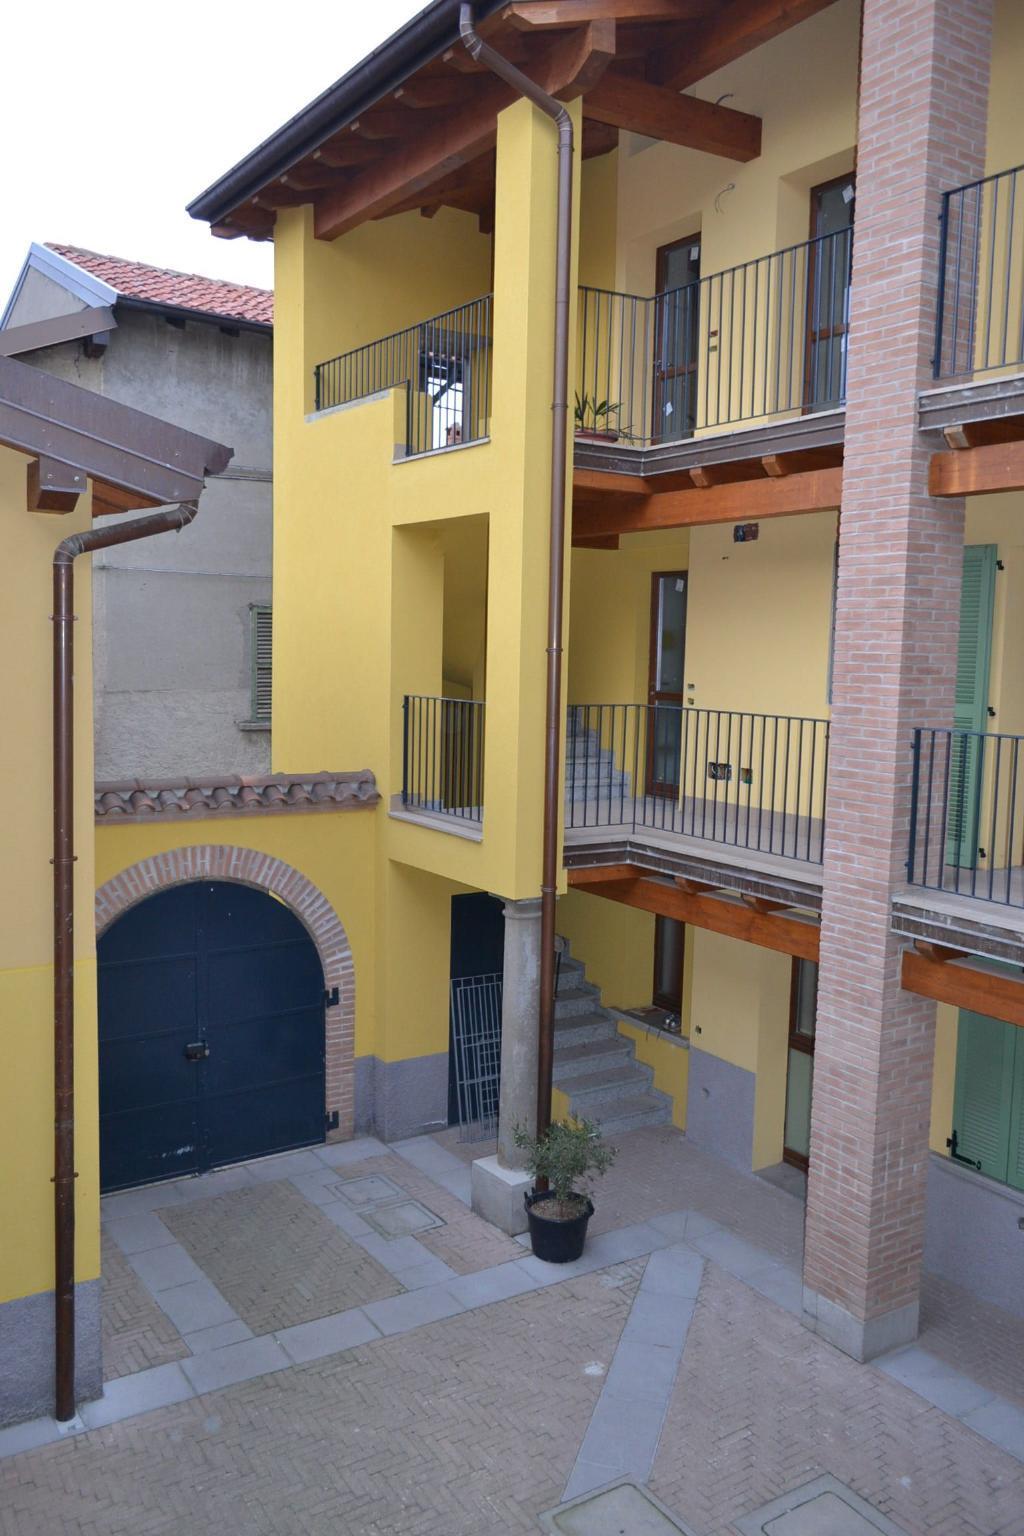 Appartamento in vendita a Mapello, 3 locali, zona Località: centro, prezzo € 85.000 | CambioCasa.it